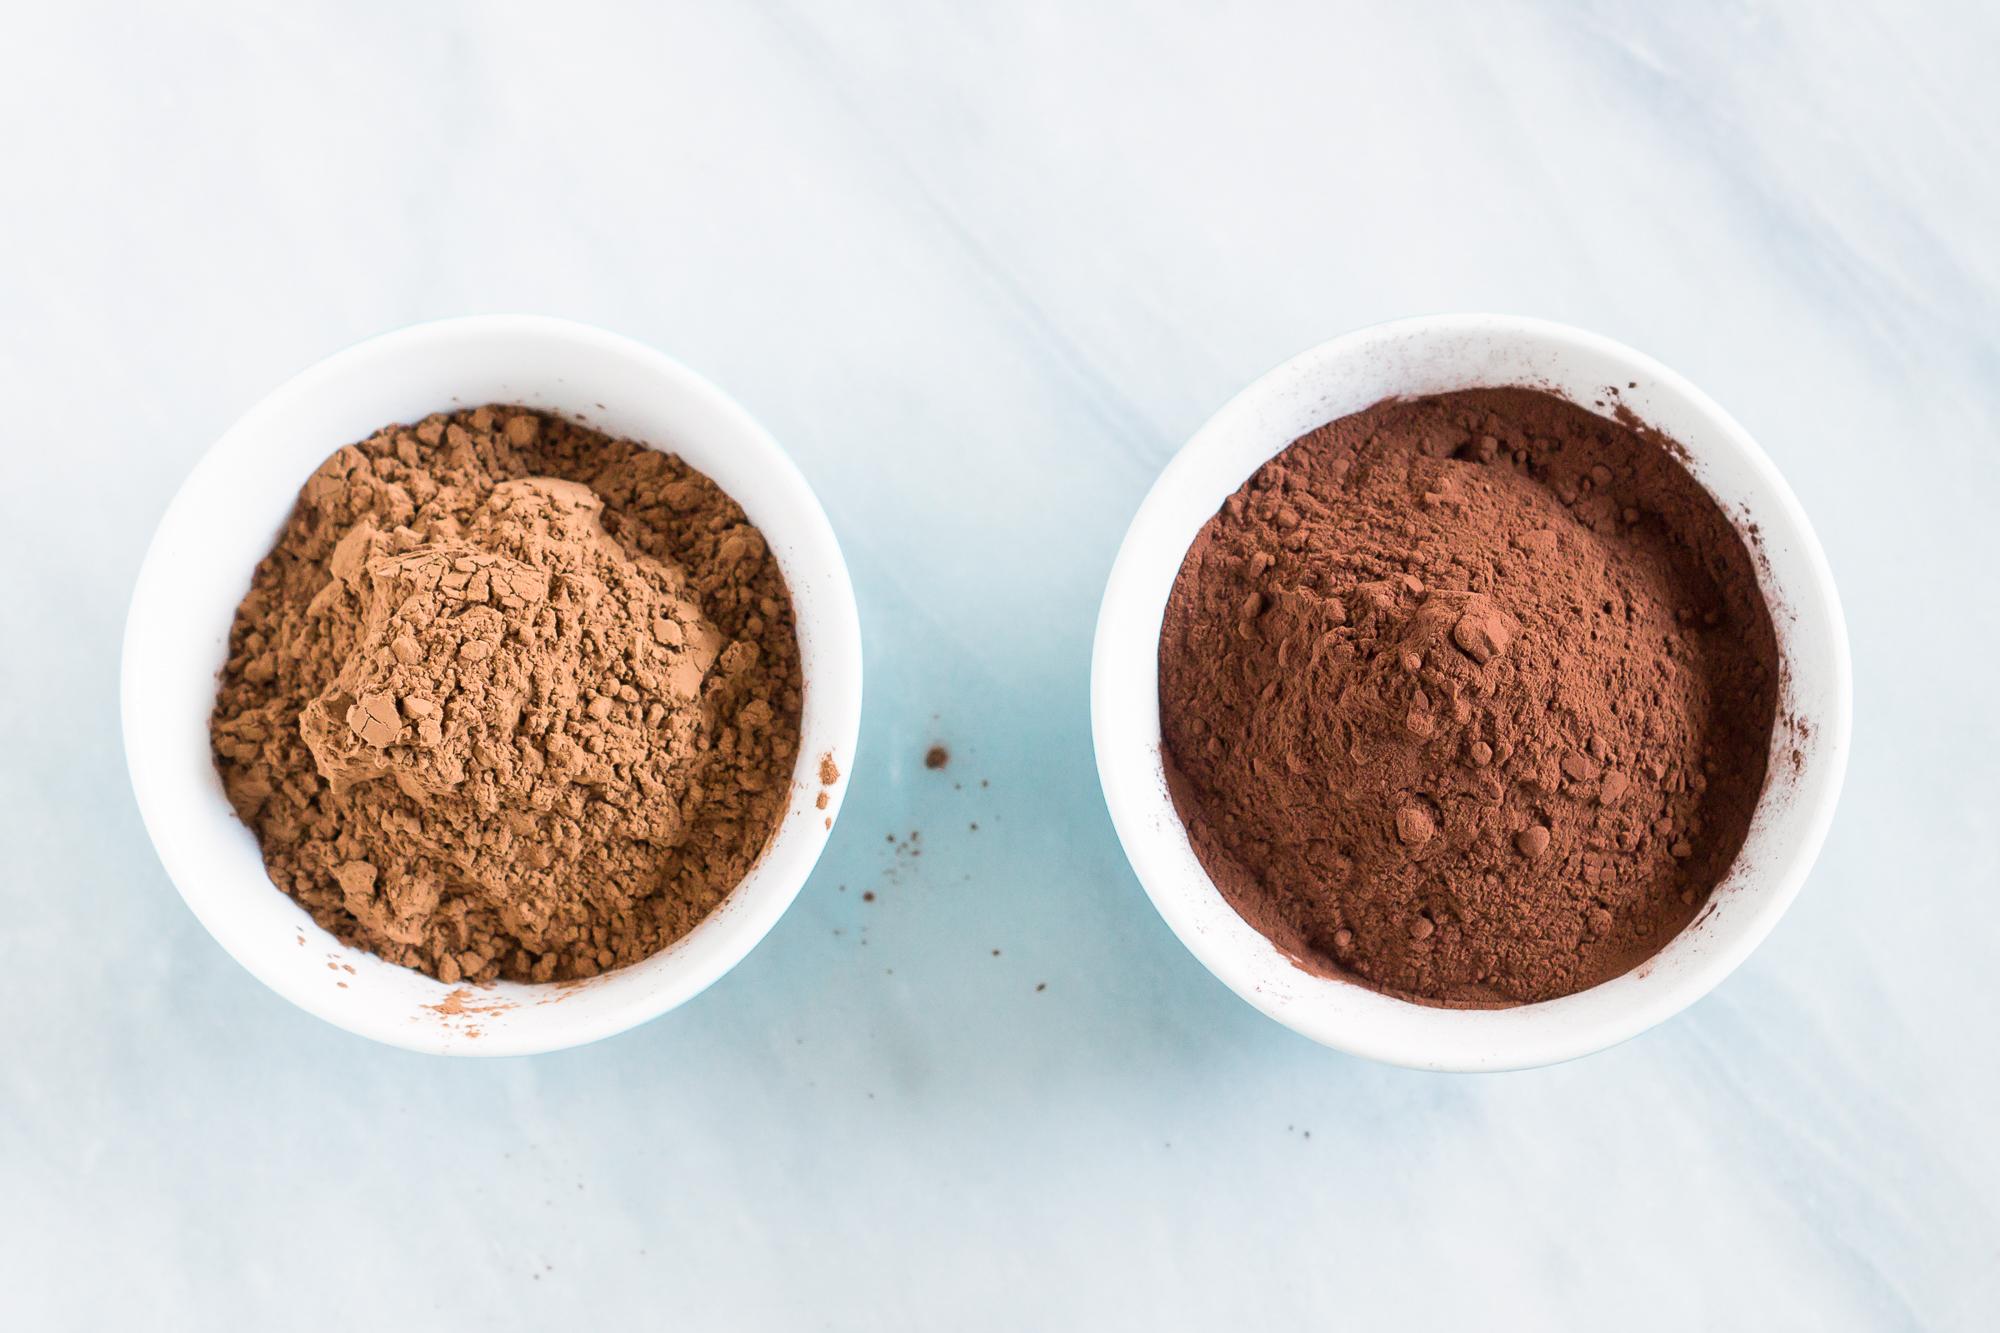 неалкализированный (слева) и алкализированный (справа) какао-порошки